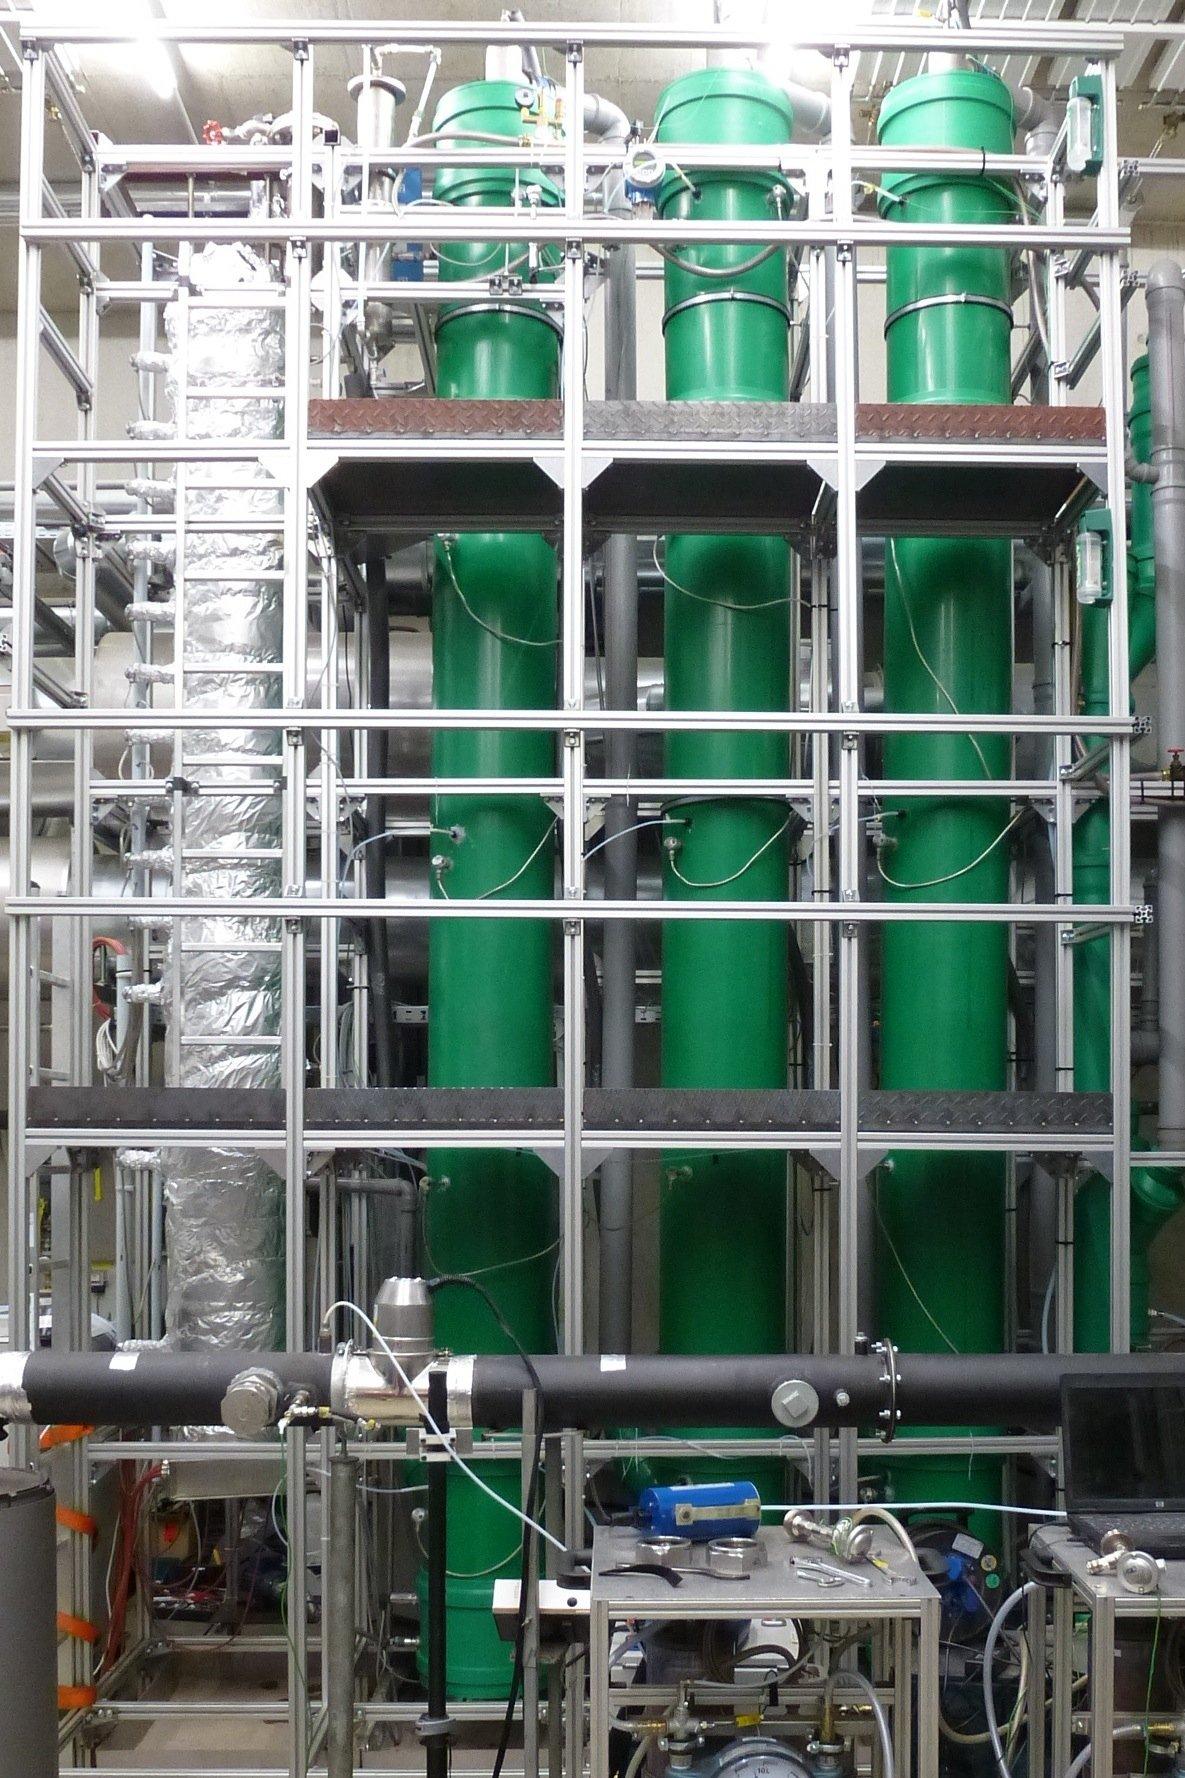 Die Versuchsanlage CASPAR ist ein dreistufiger Sprühwäscher mit je fünf Metern Sprühzone.